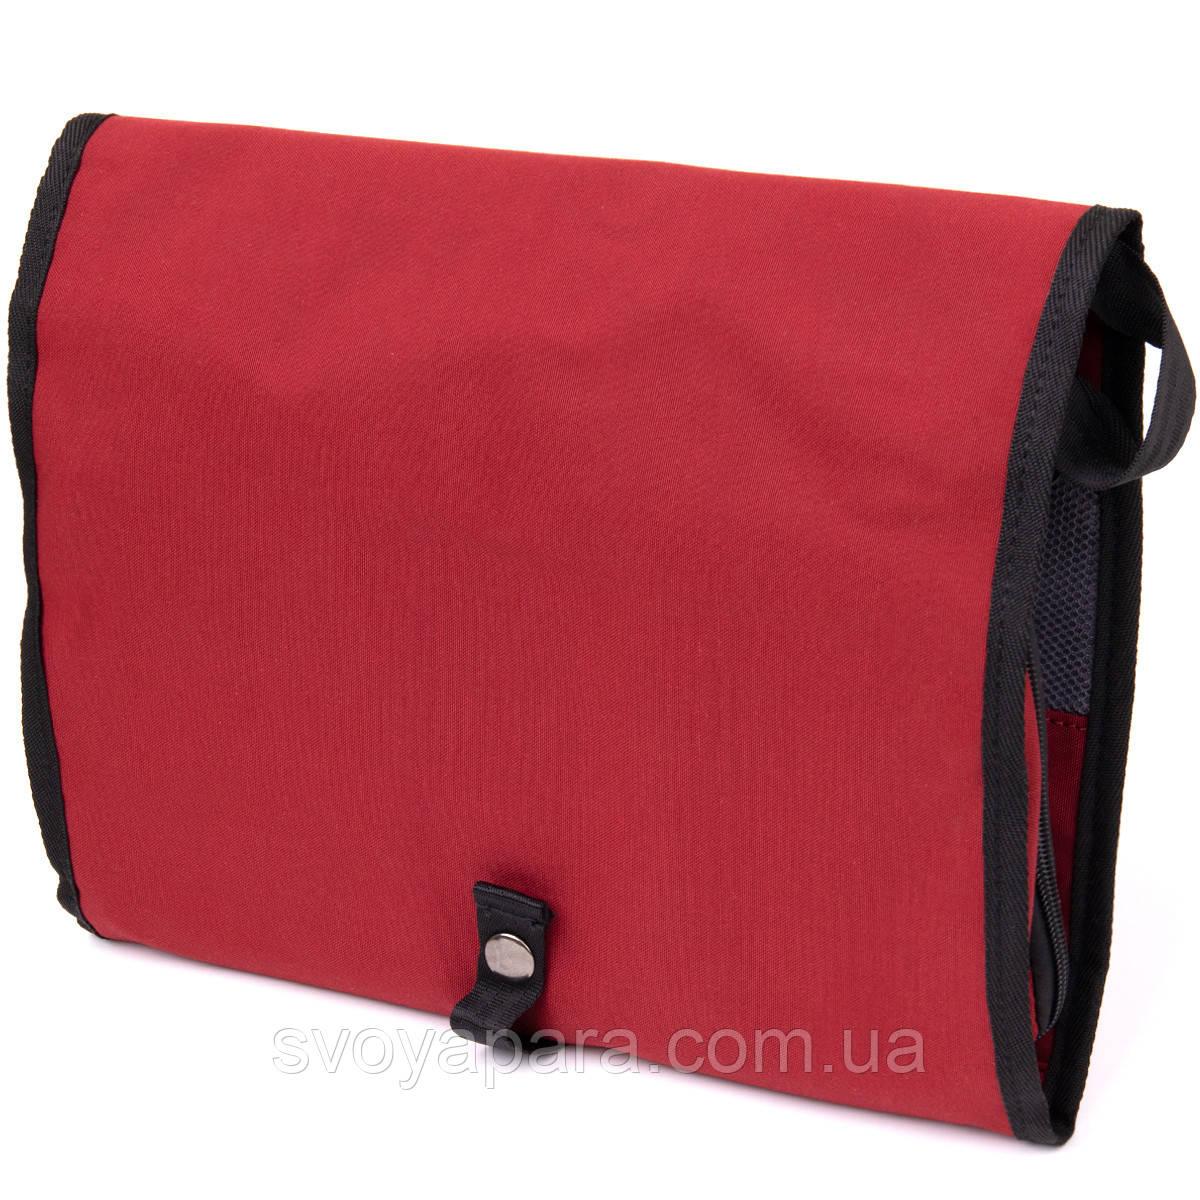 Дорожный органайзер Vintage 20654 Красный